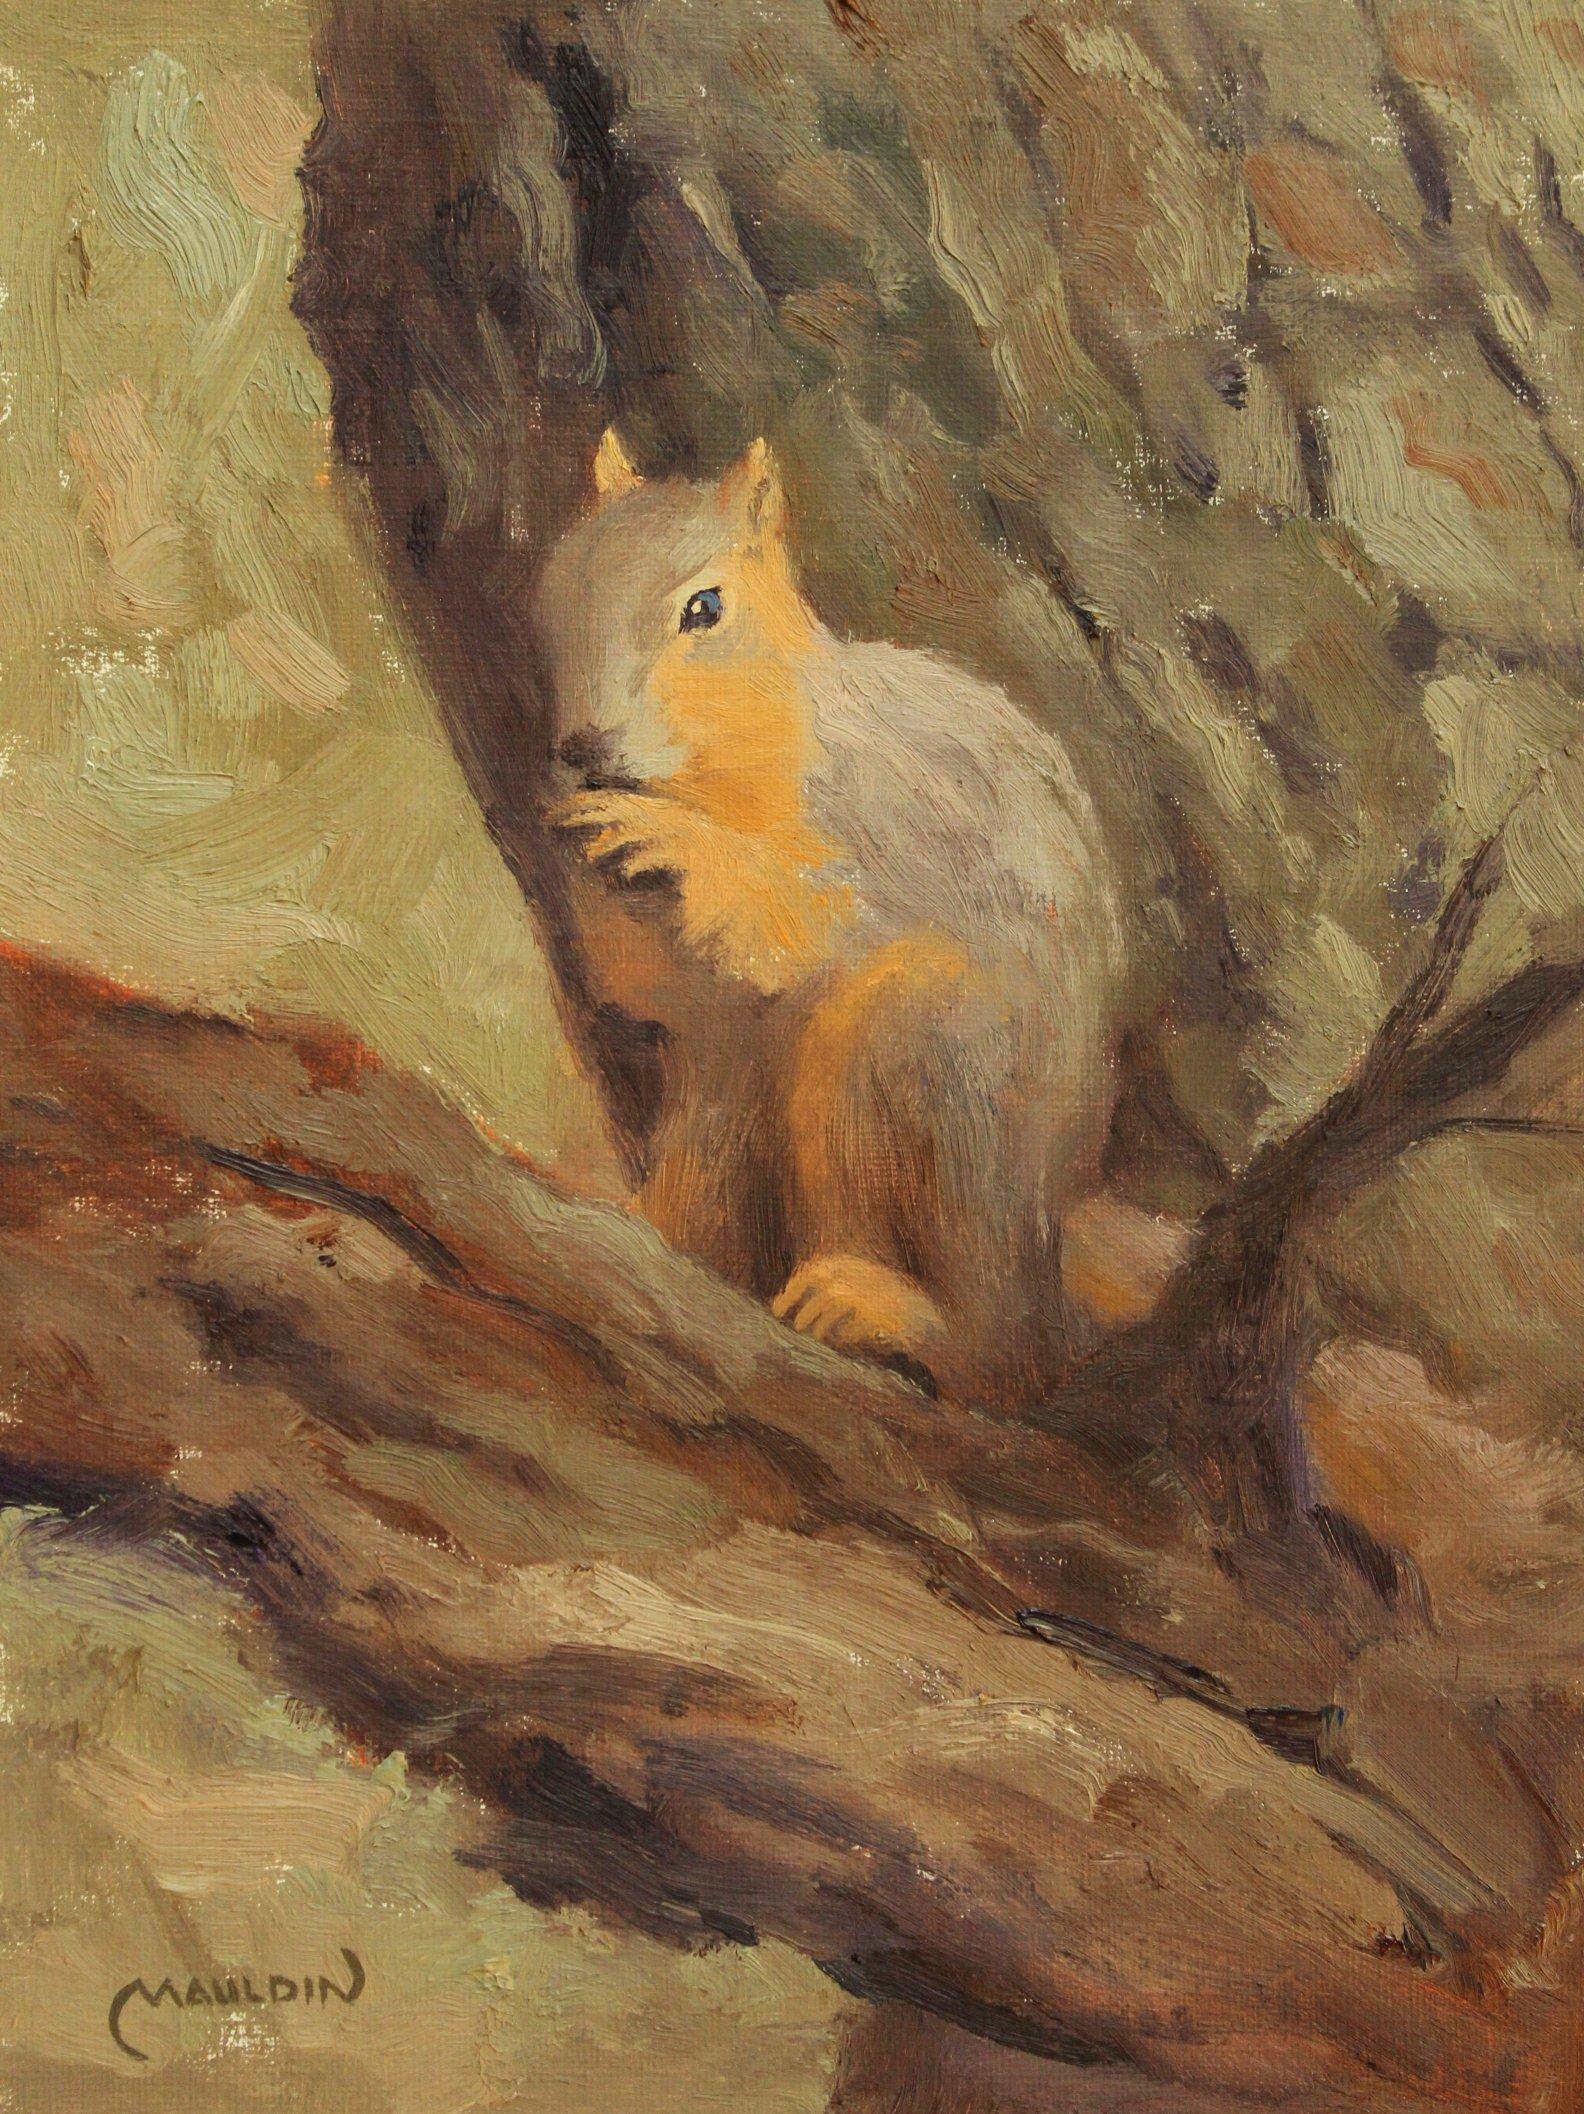 Squirrel by  Chuck Mauldin - Masterpiece Online